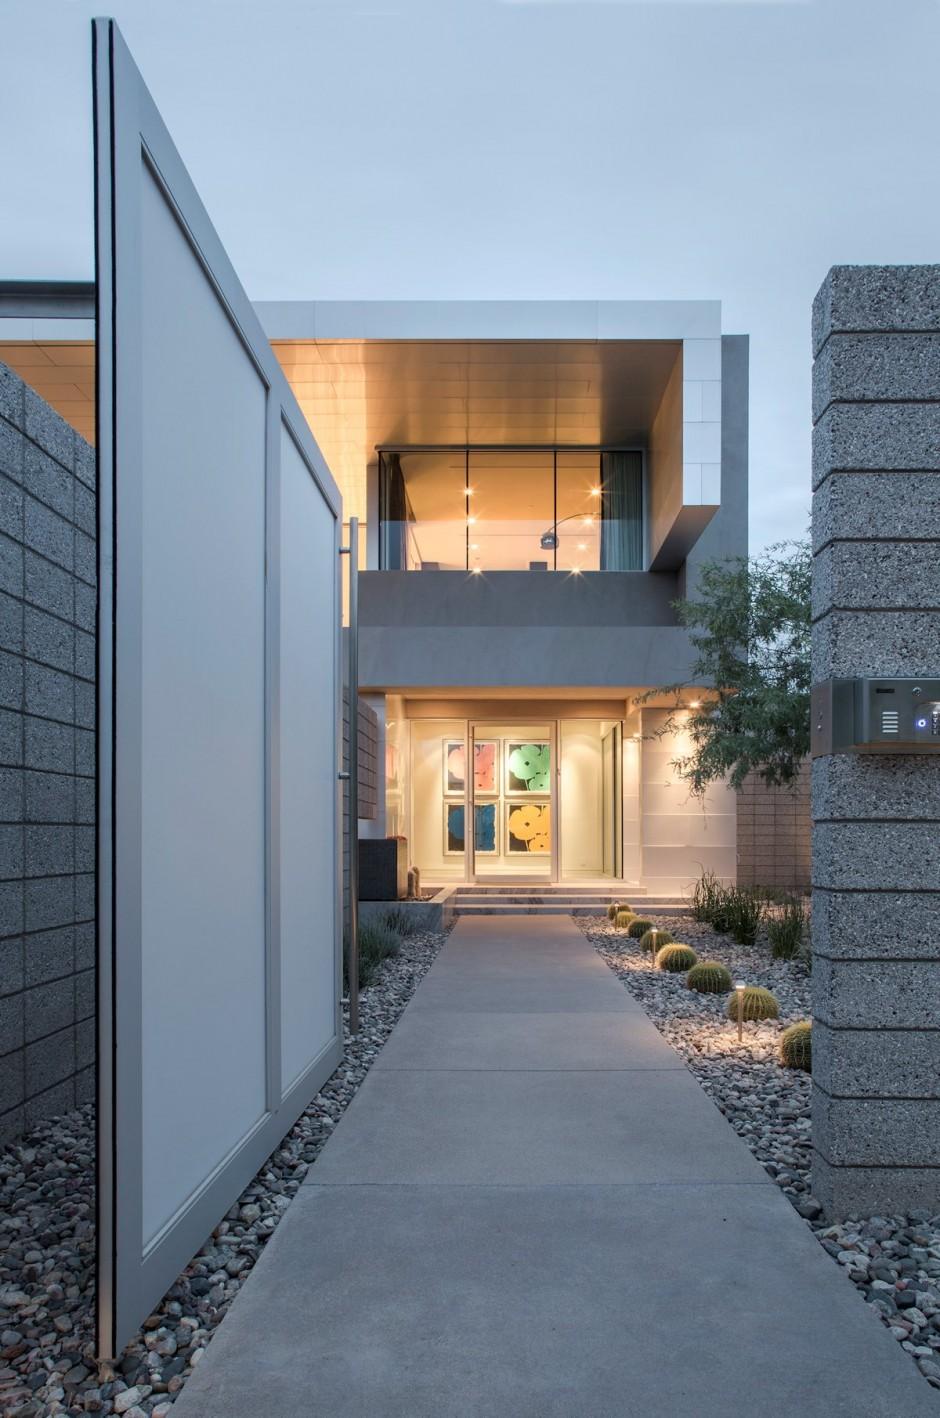 maison contemporaine cube arizona entree - Entree De Maison Contemporaine